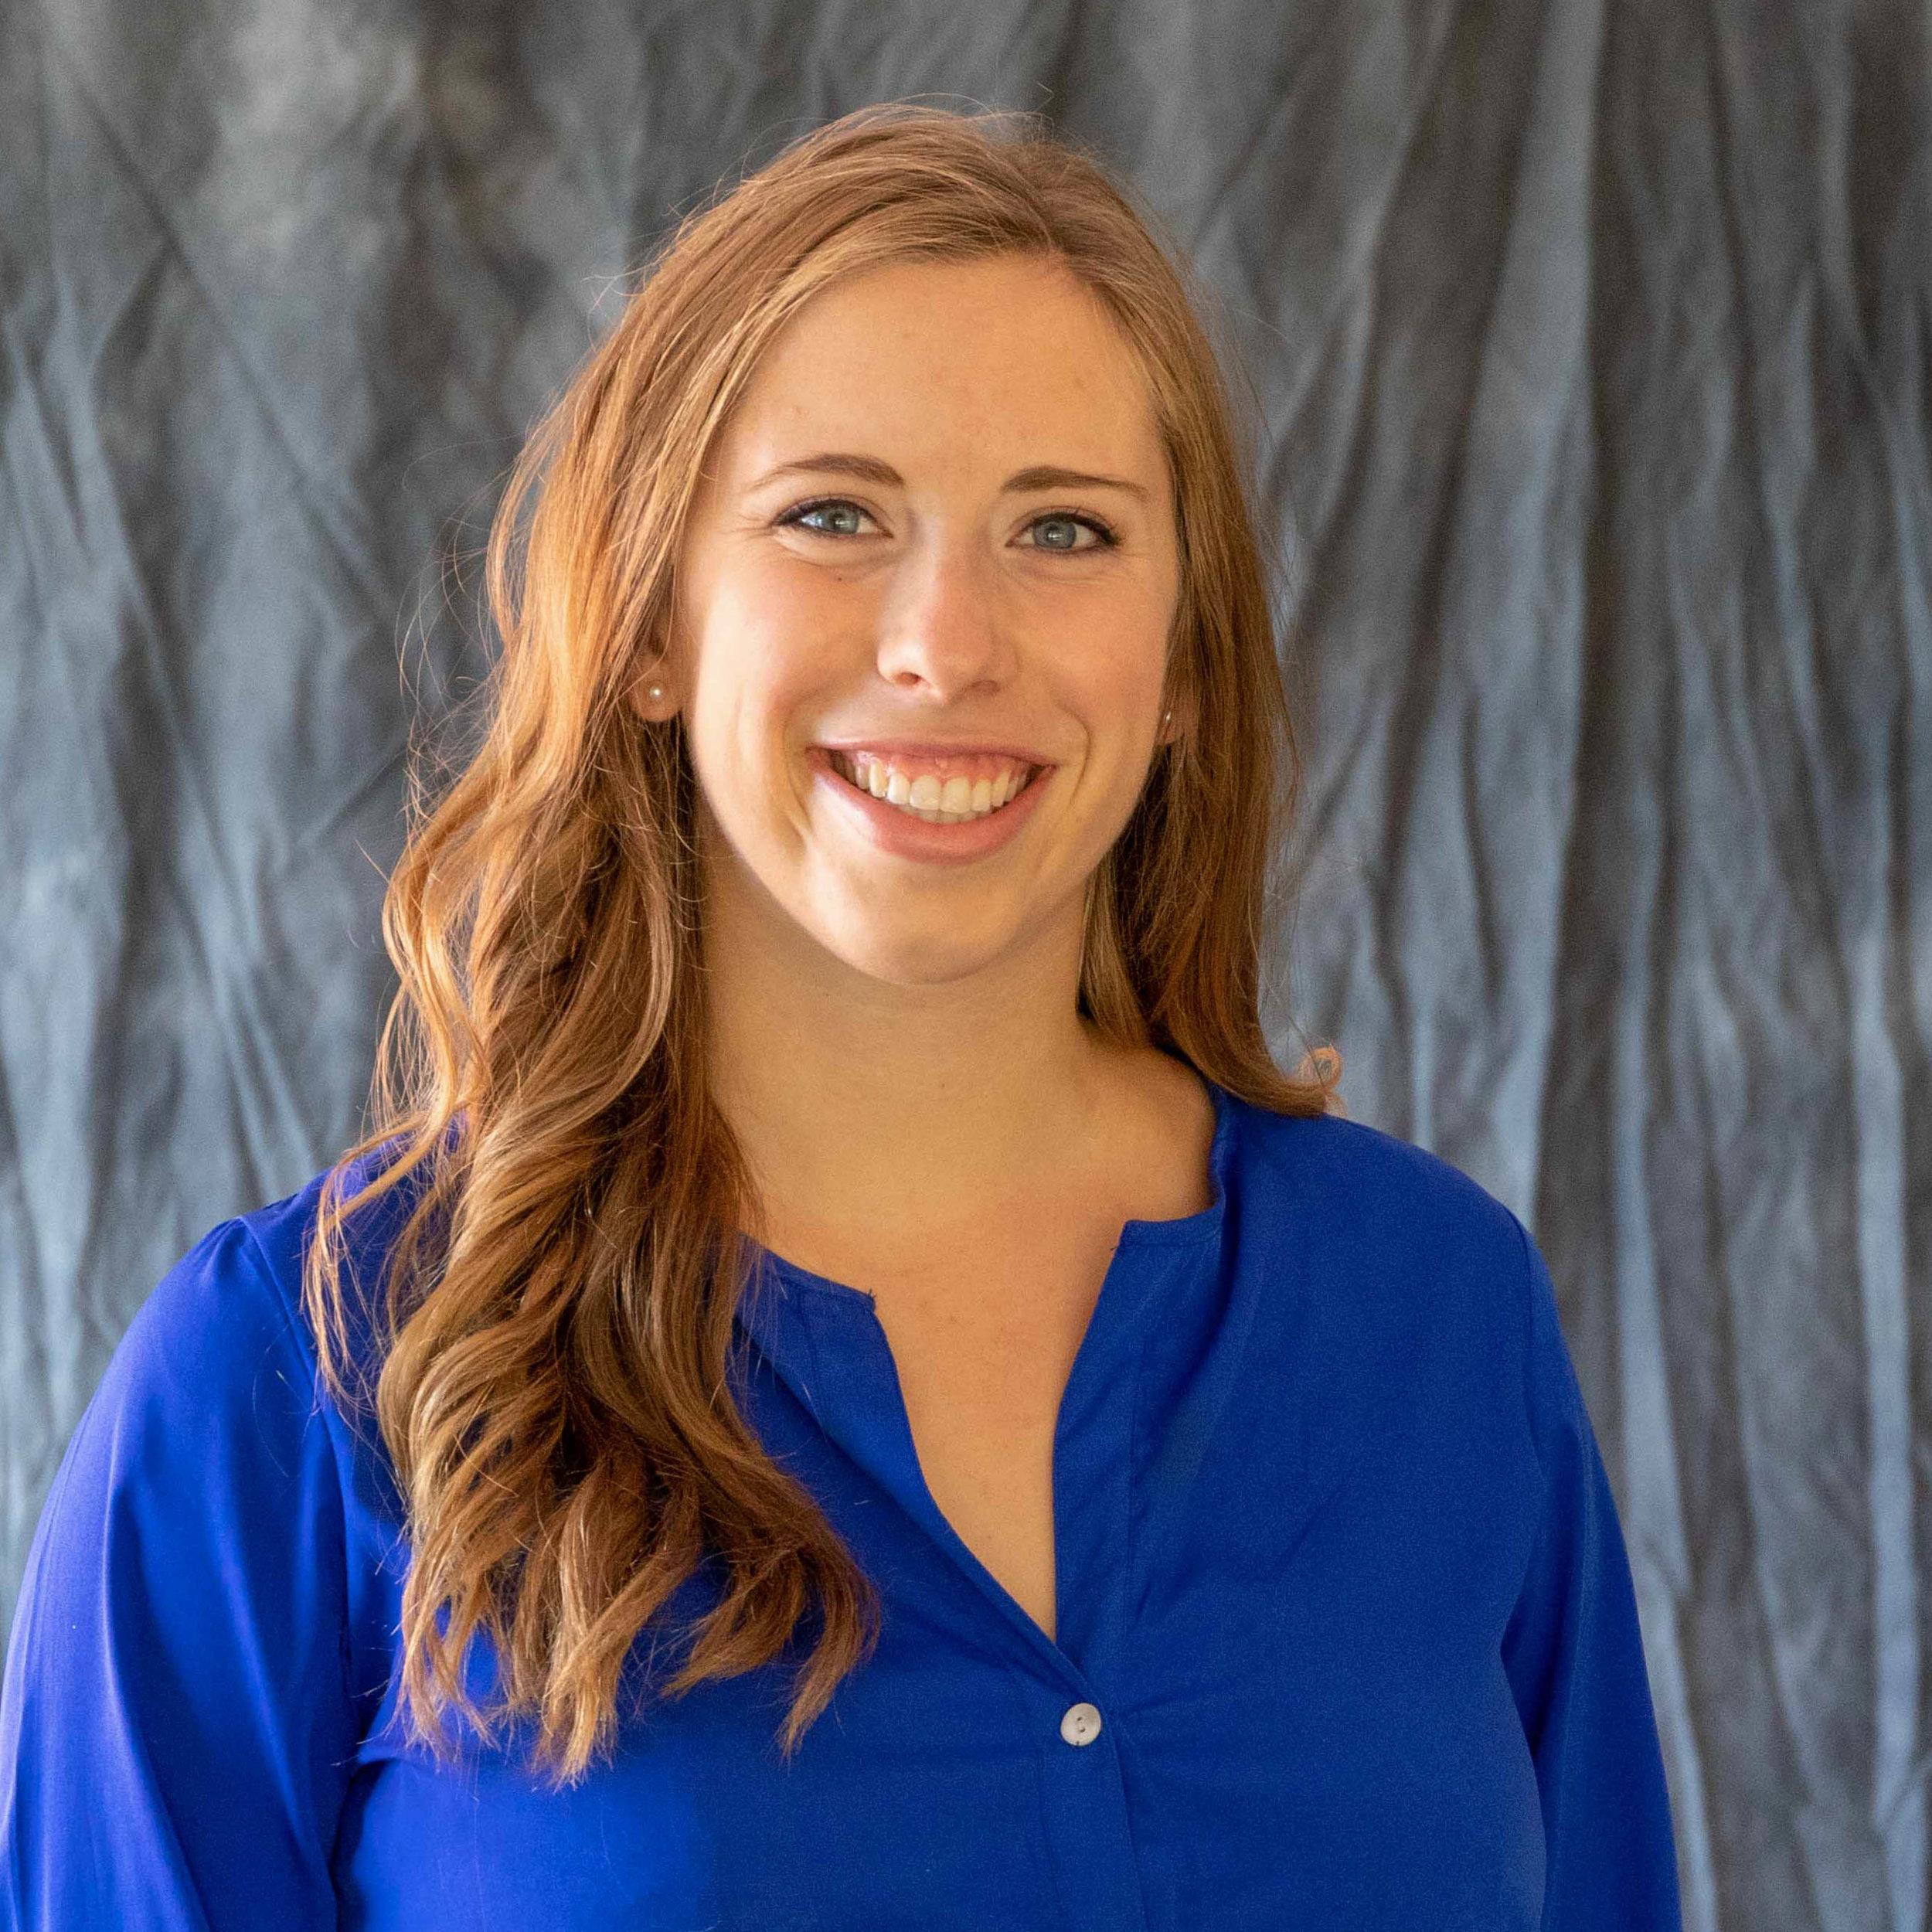 Plessis Vice-President -  Emily Sandre